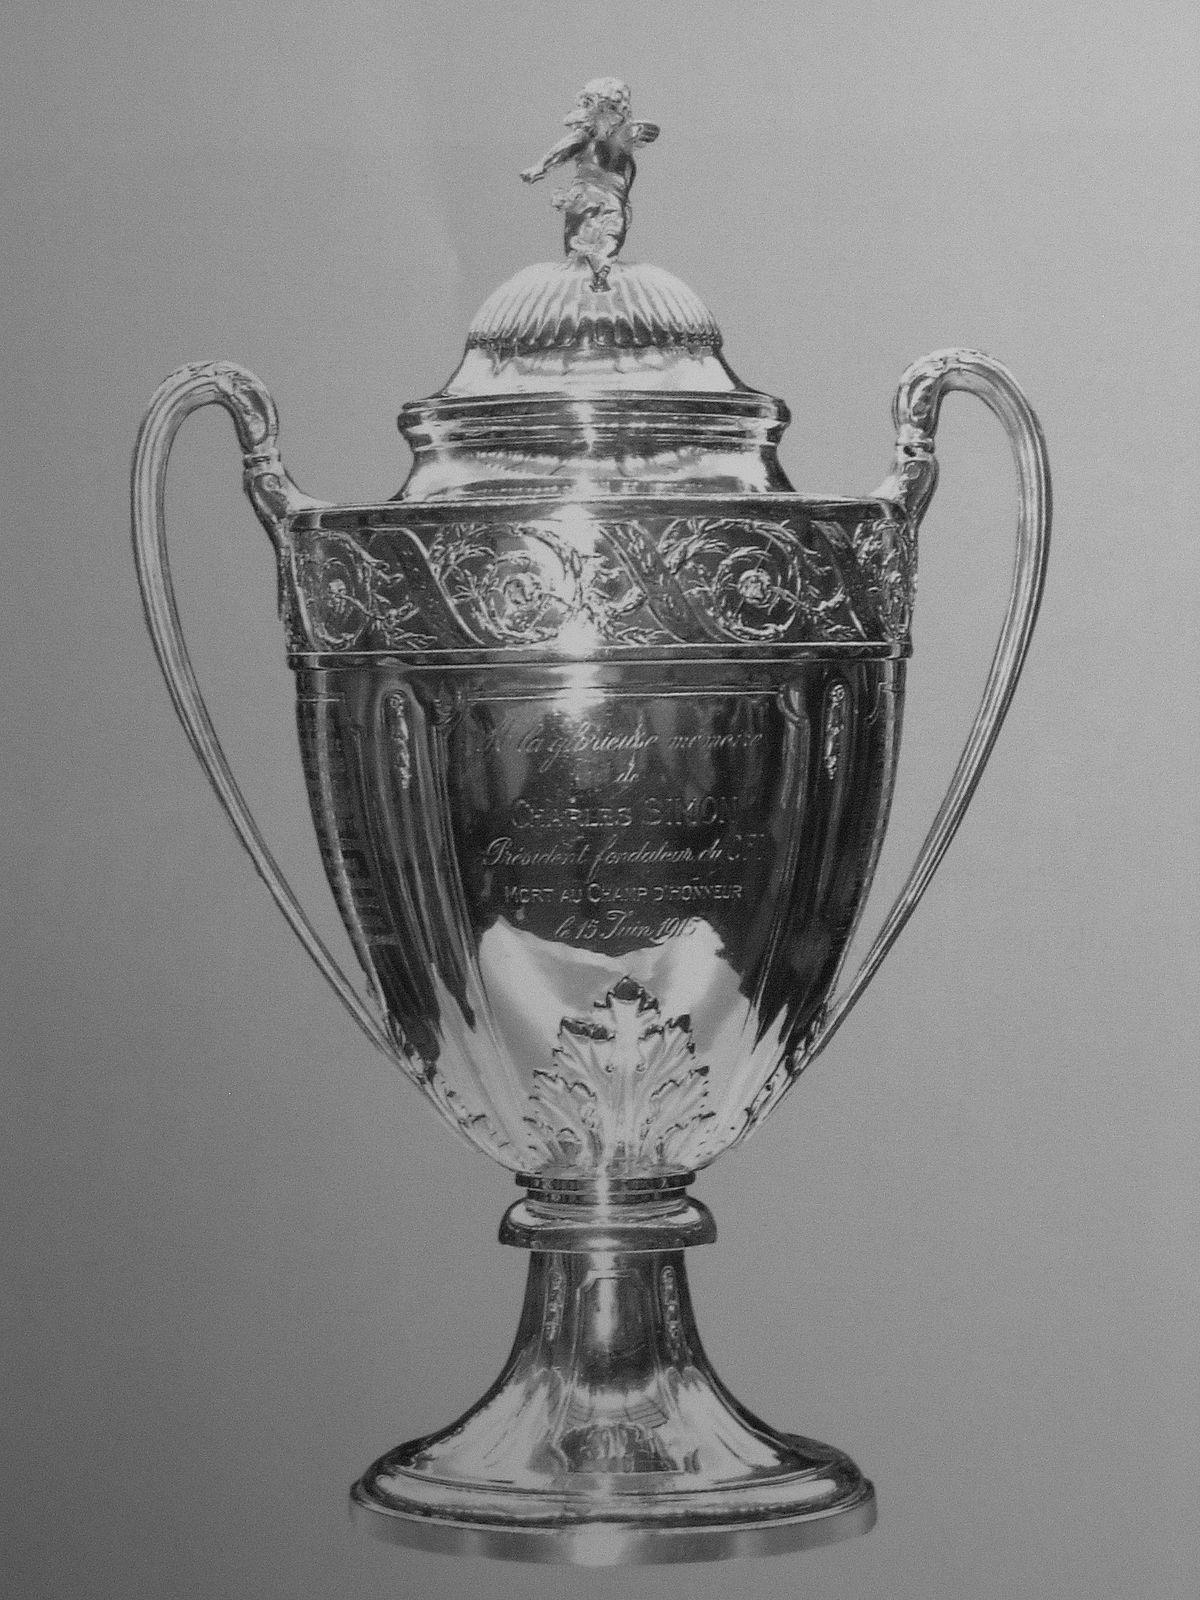 Coupe de france wikipedia - Coupe de france france 3 ...